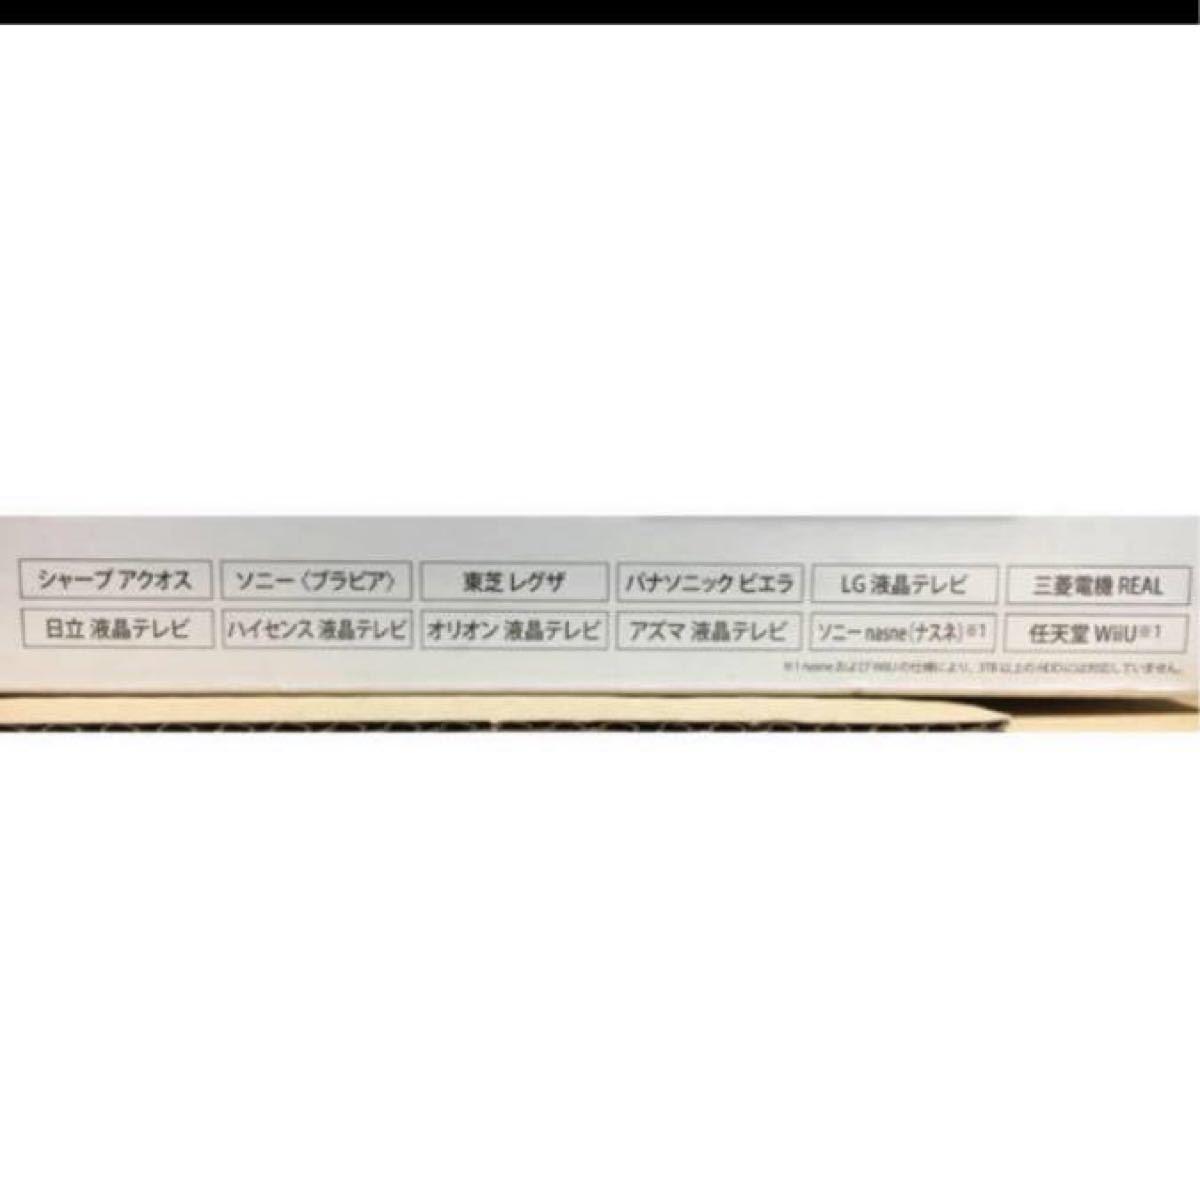 新品 外付けハードディスク2.0TB 2台 ブラック色SGD-NY020UBK